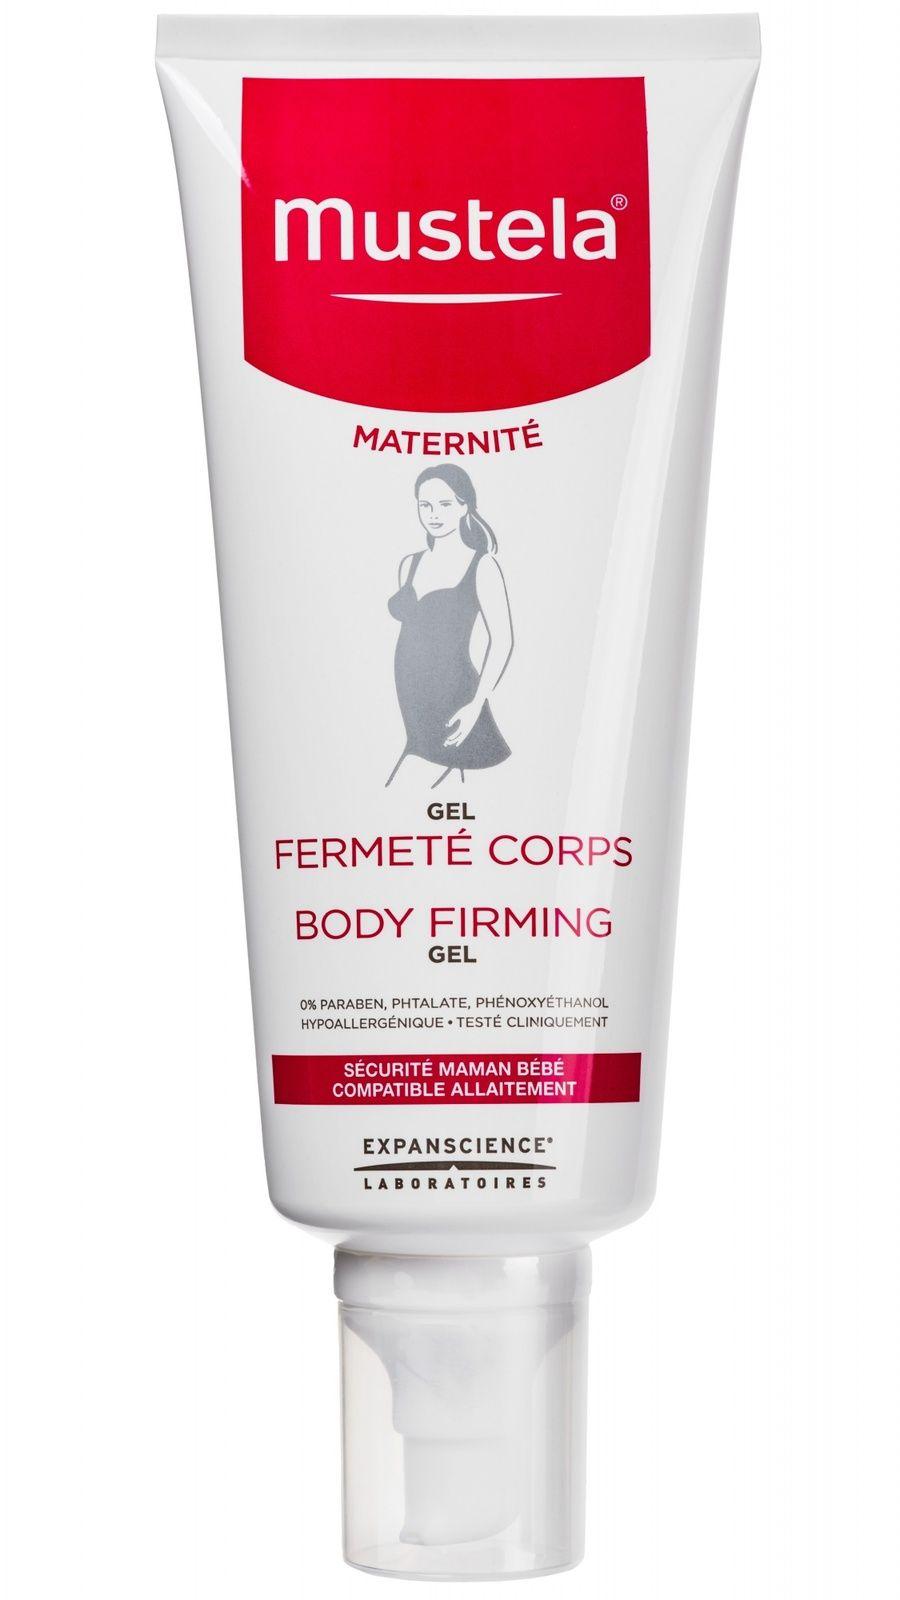 фото упаковки Mustela Maternite Гель для упругости кожи